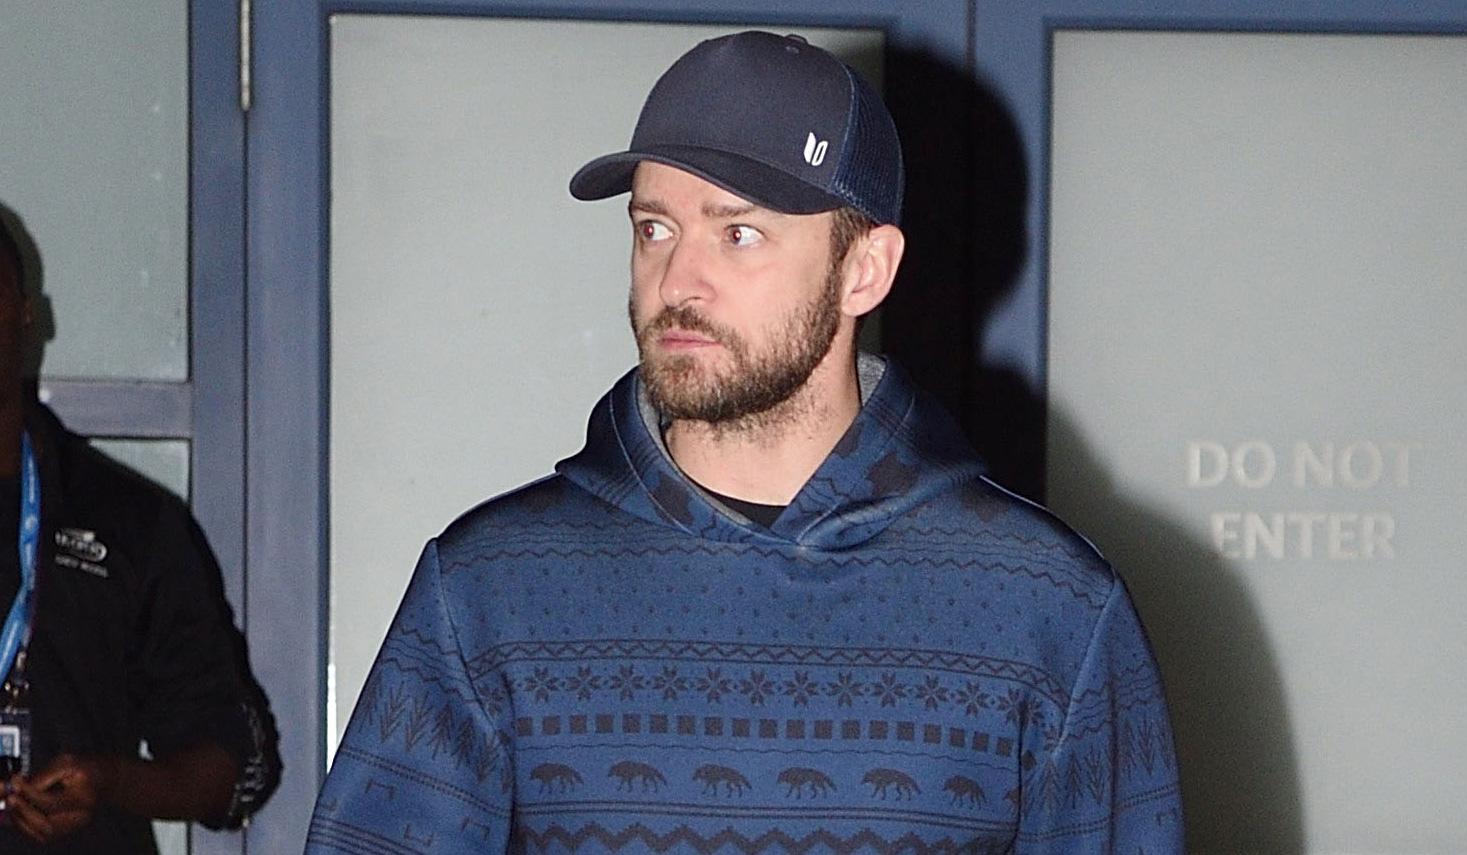 Justin Timberlake Attends U.S. Open Again 99a05ec73aa